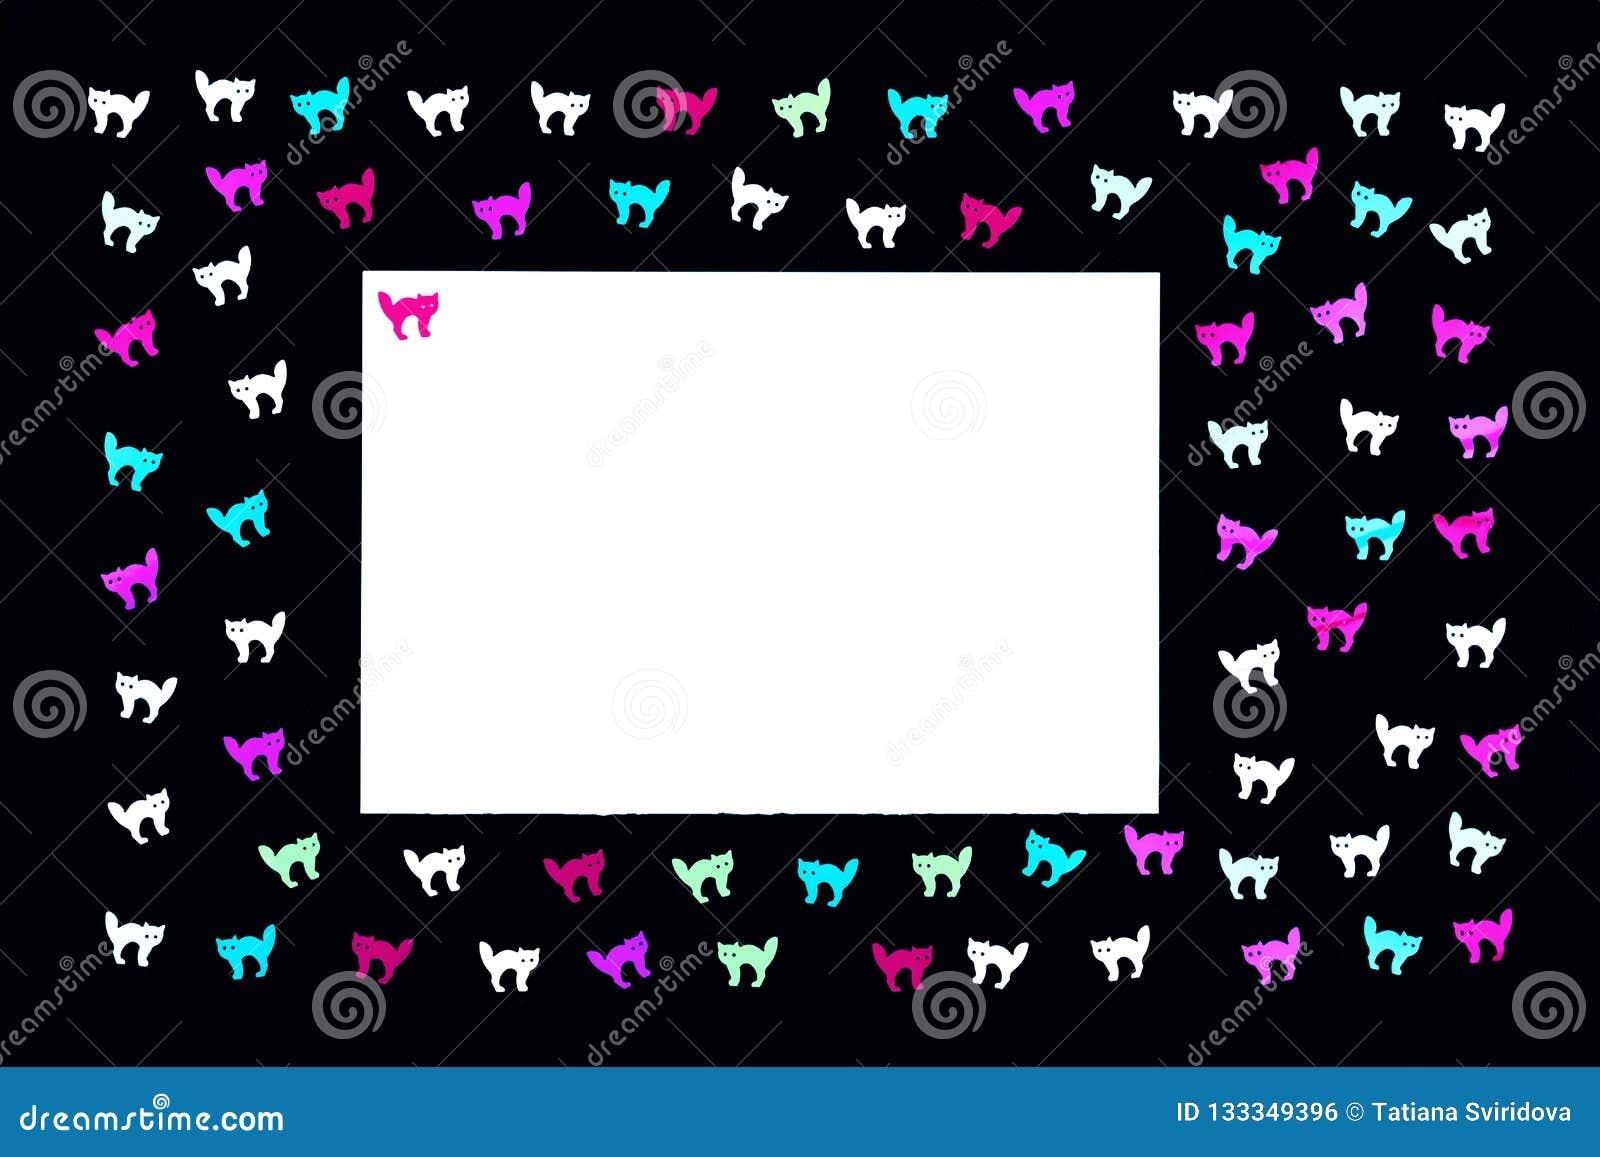 Neonowi koty na czarnym tło wzorze